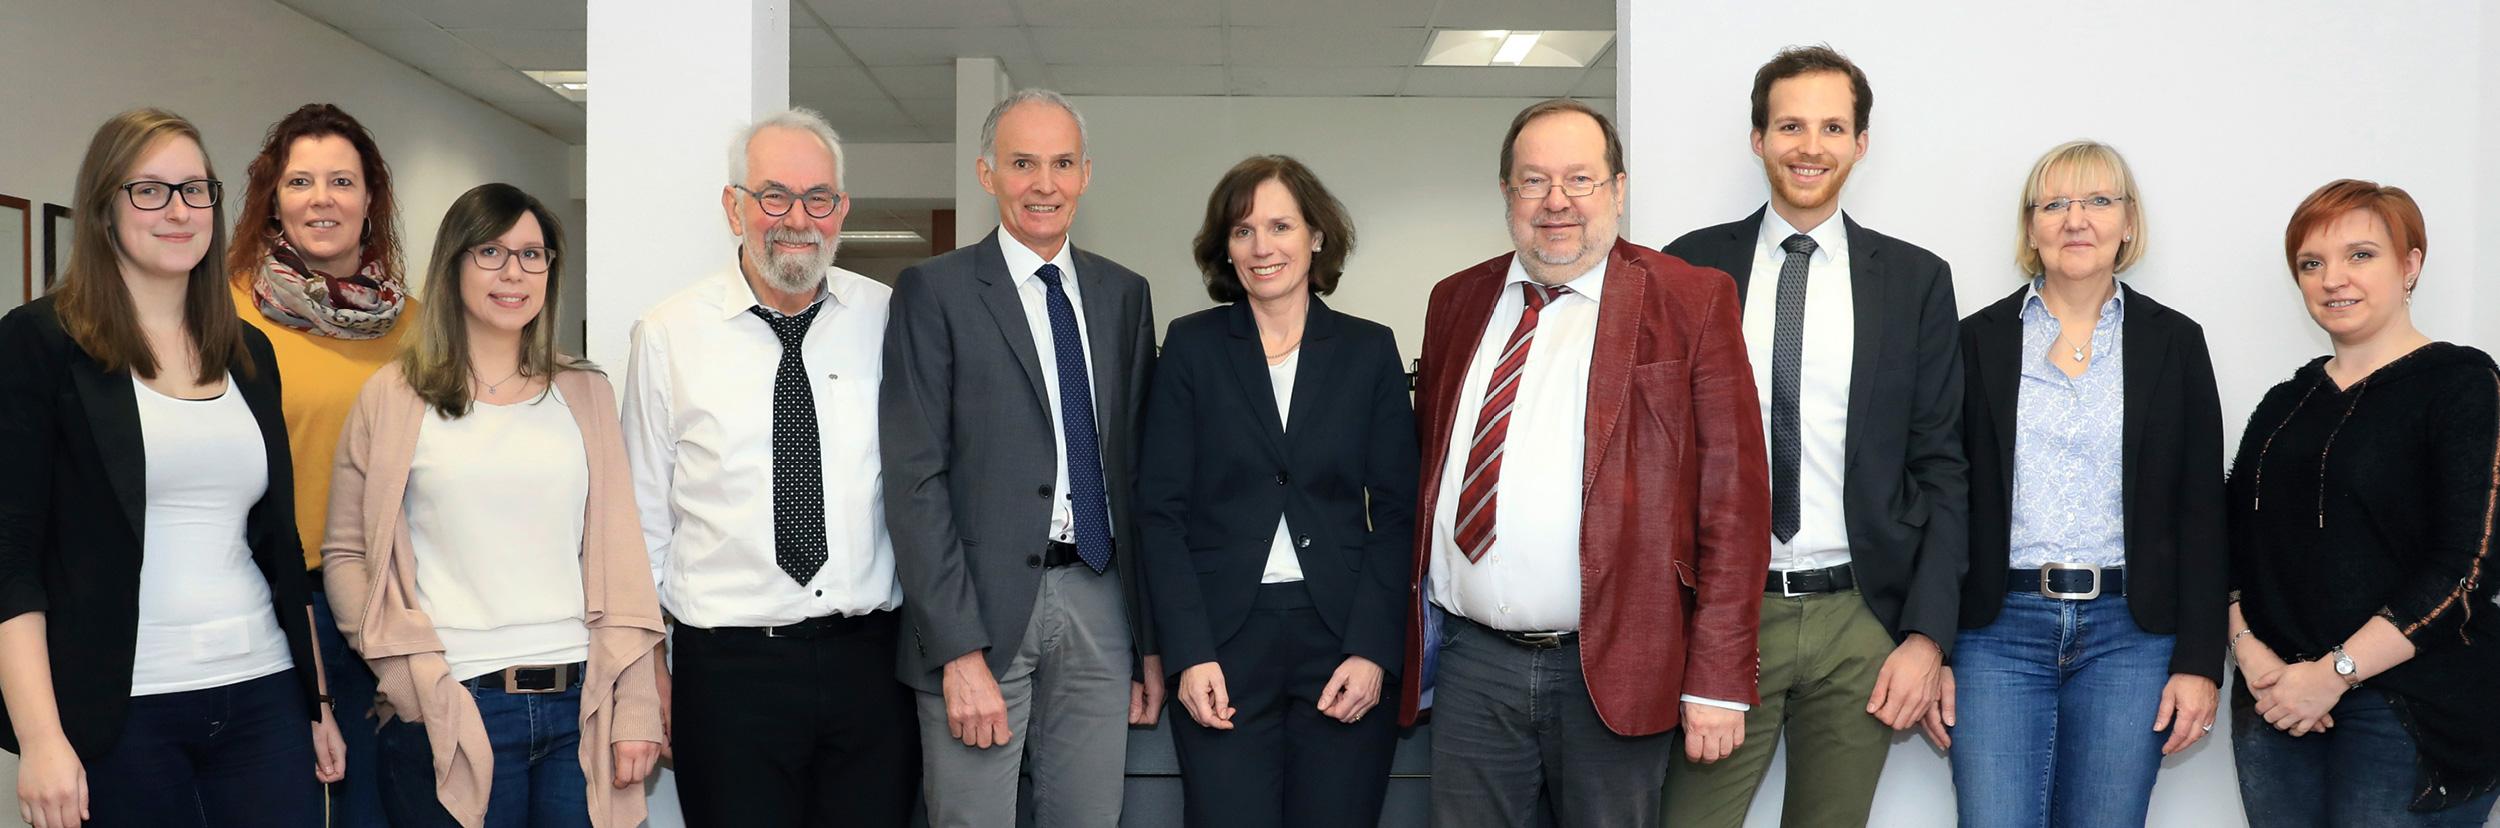 Advoteam Rechtsanwaltskanzlei Team